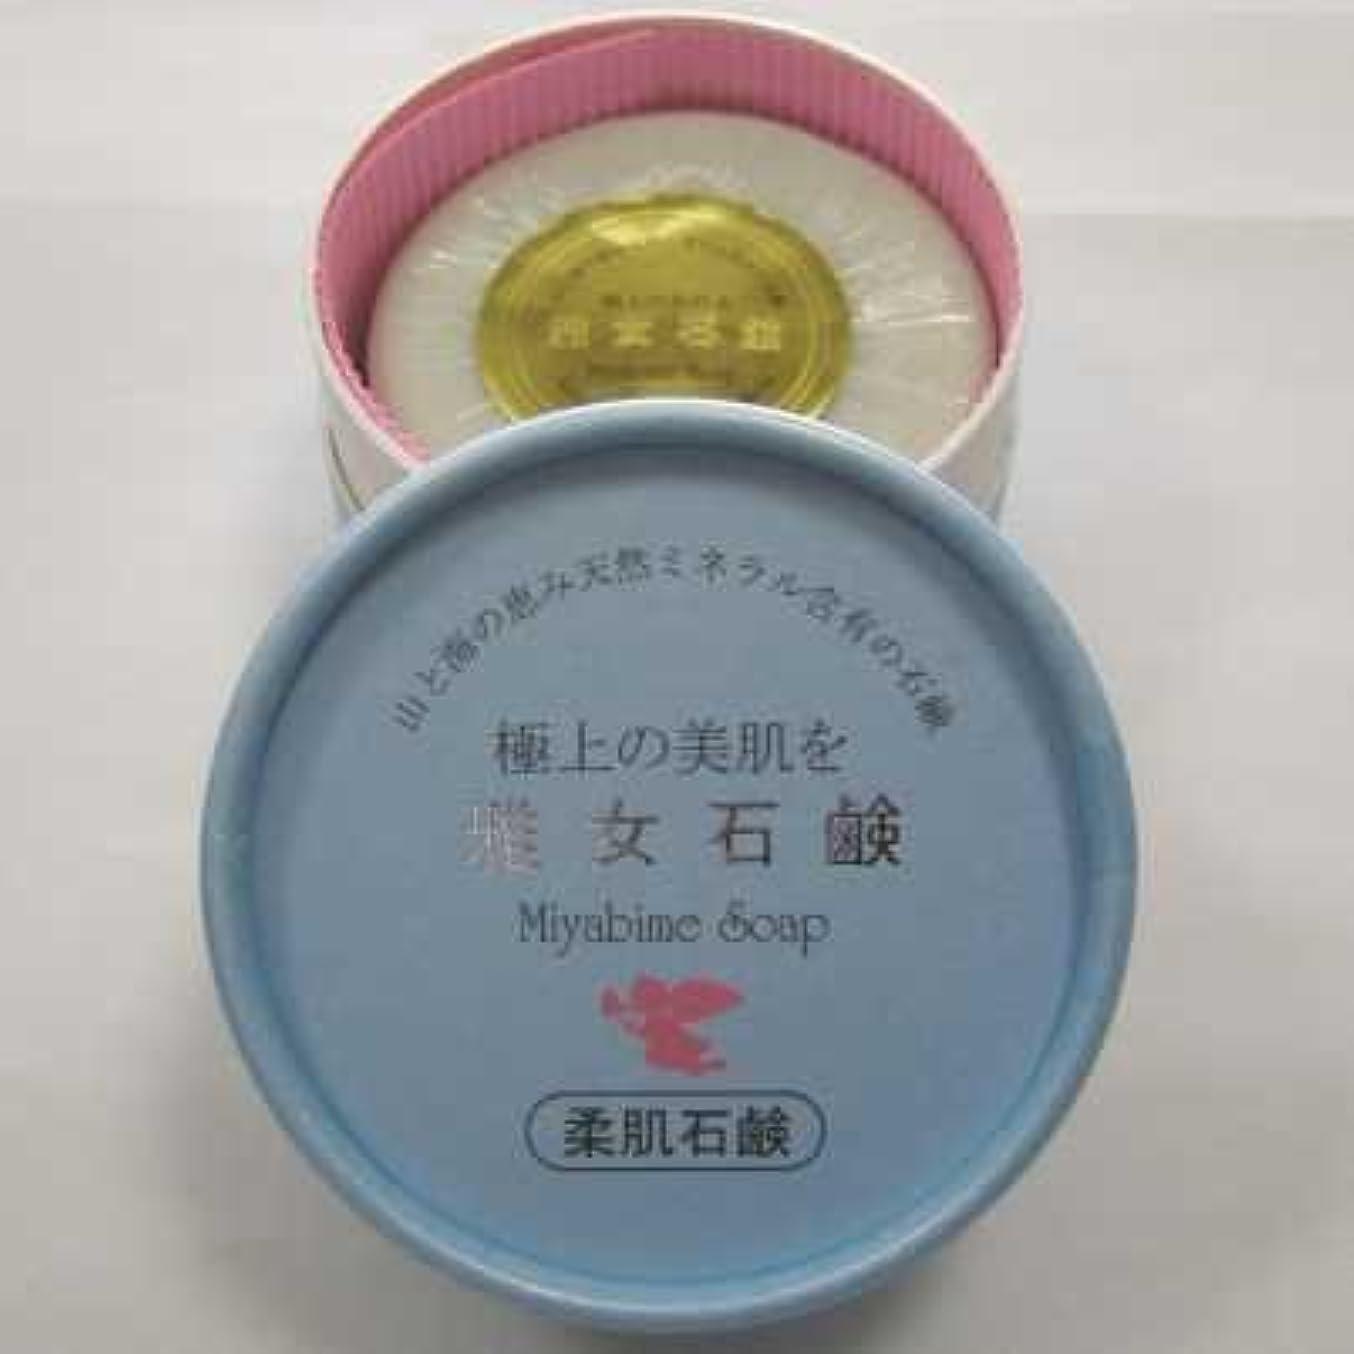 ストレッチ冷酷な熱帯の雅女石鹸(Miyabime Soap)